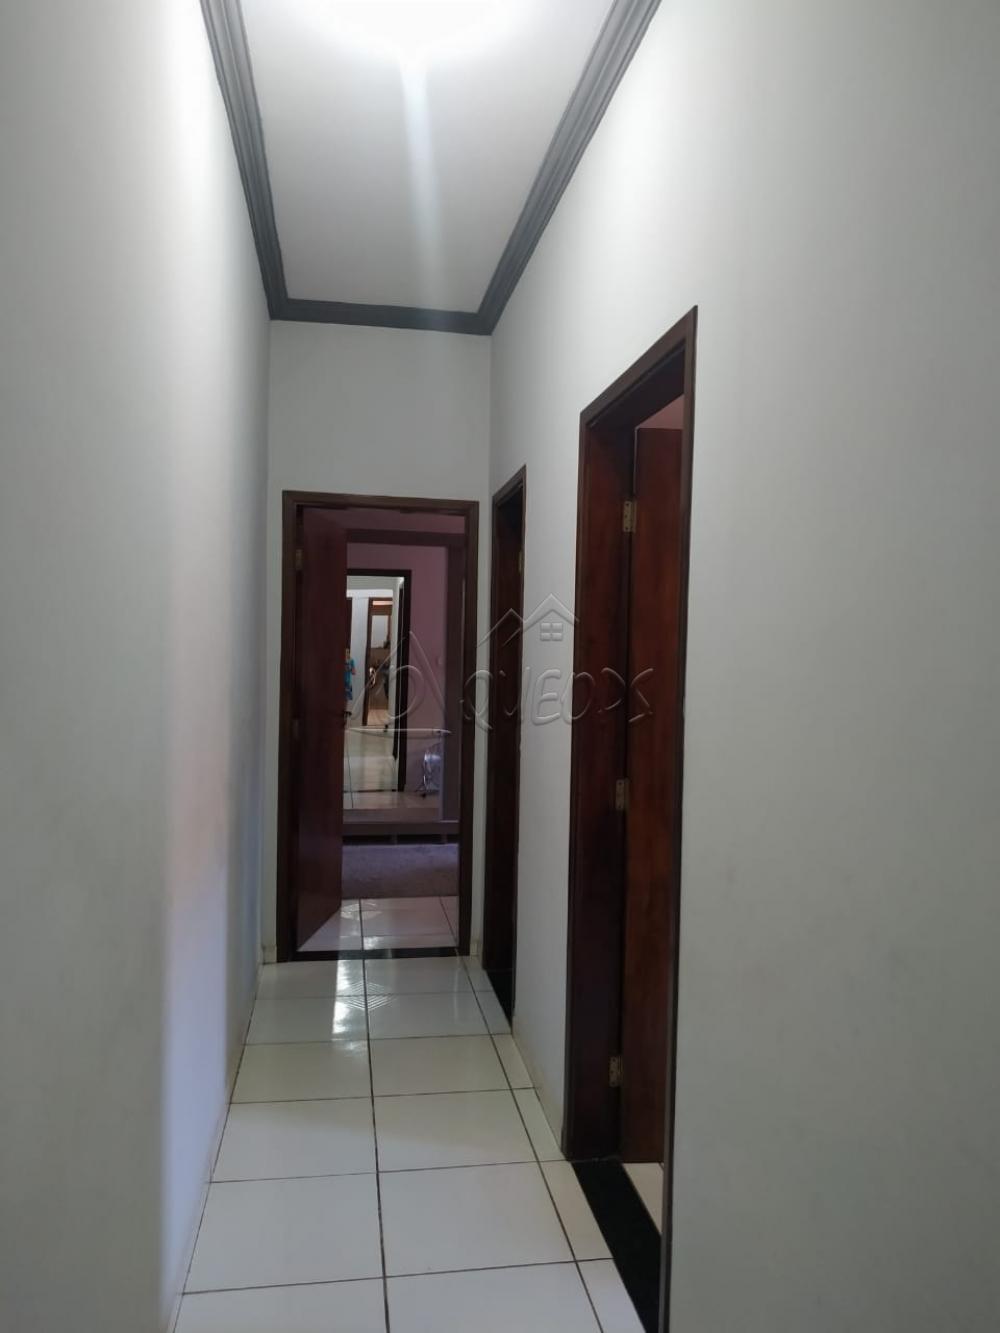 Comprar Casa / Padrão em Barretos apenas R$ 320.000,00 - Foto 8